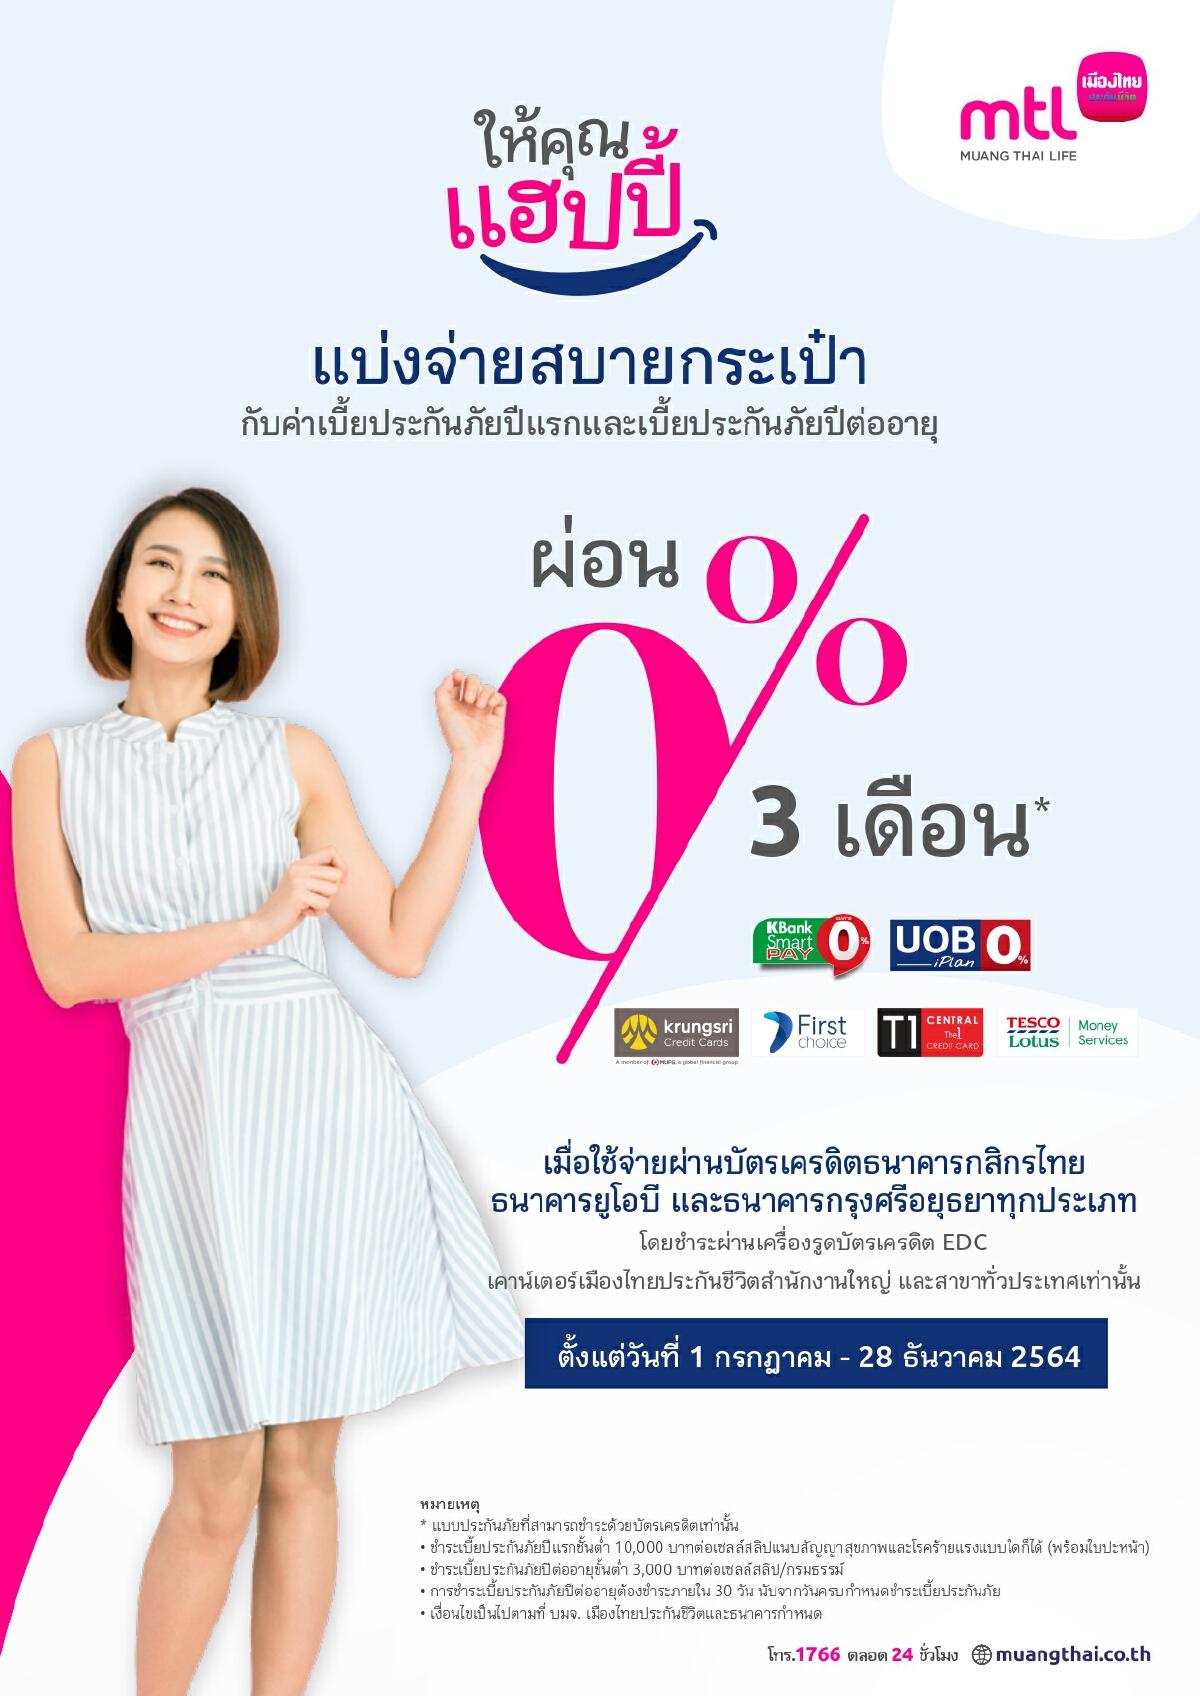 เมืองไทยประกันชีวิต จับมือธนาคารพันธมิตร มอบการผ่อนค่าเบี้ยประกันภัย 0%